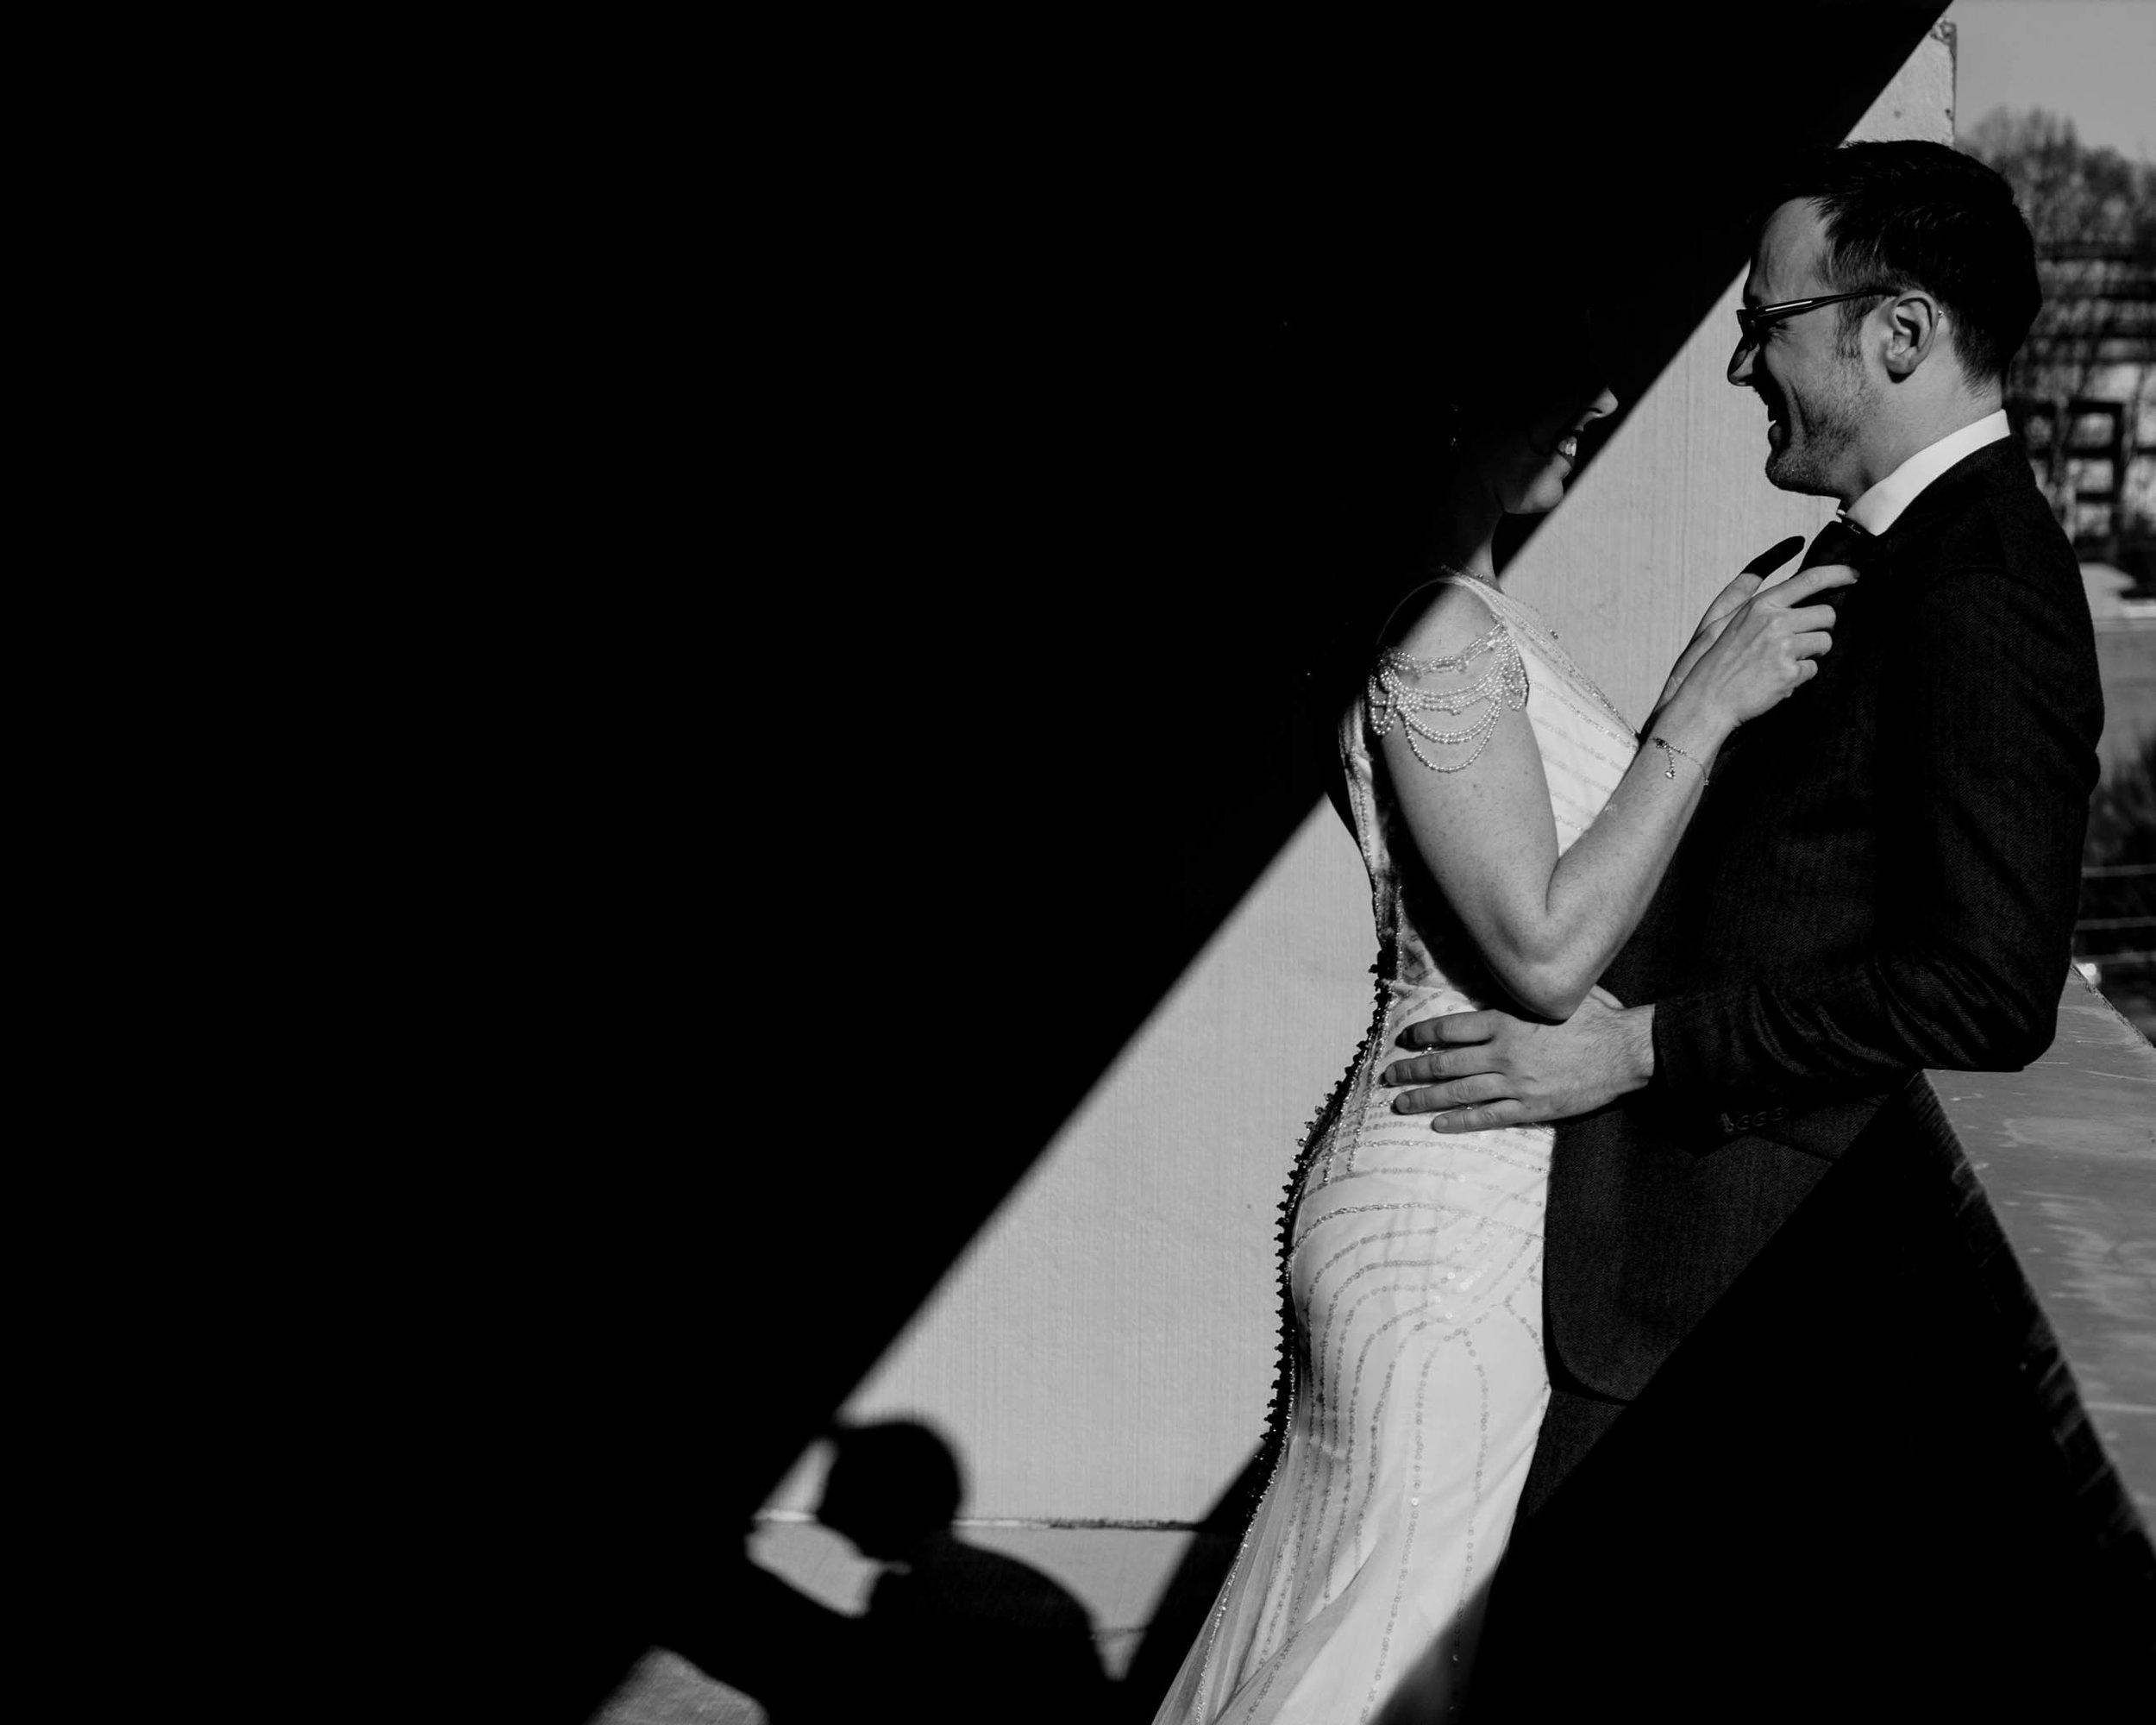 vidrio-weddings-raleigh-adam-chapin-photography-1-2.jpg